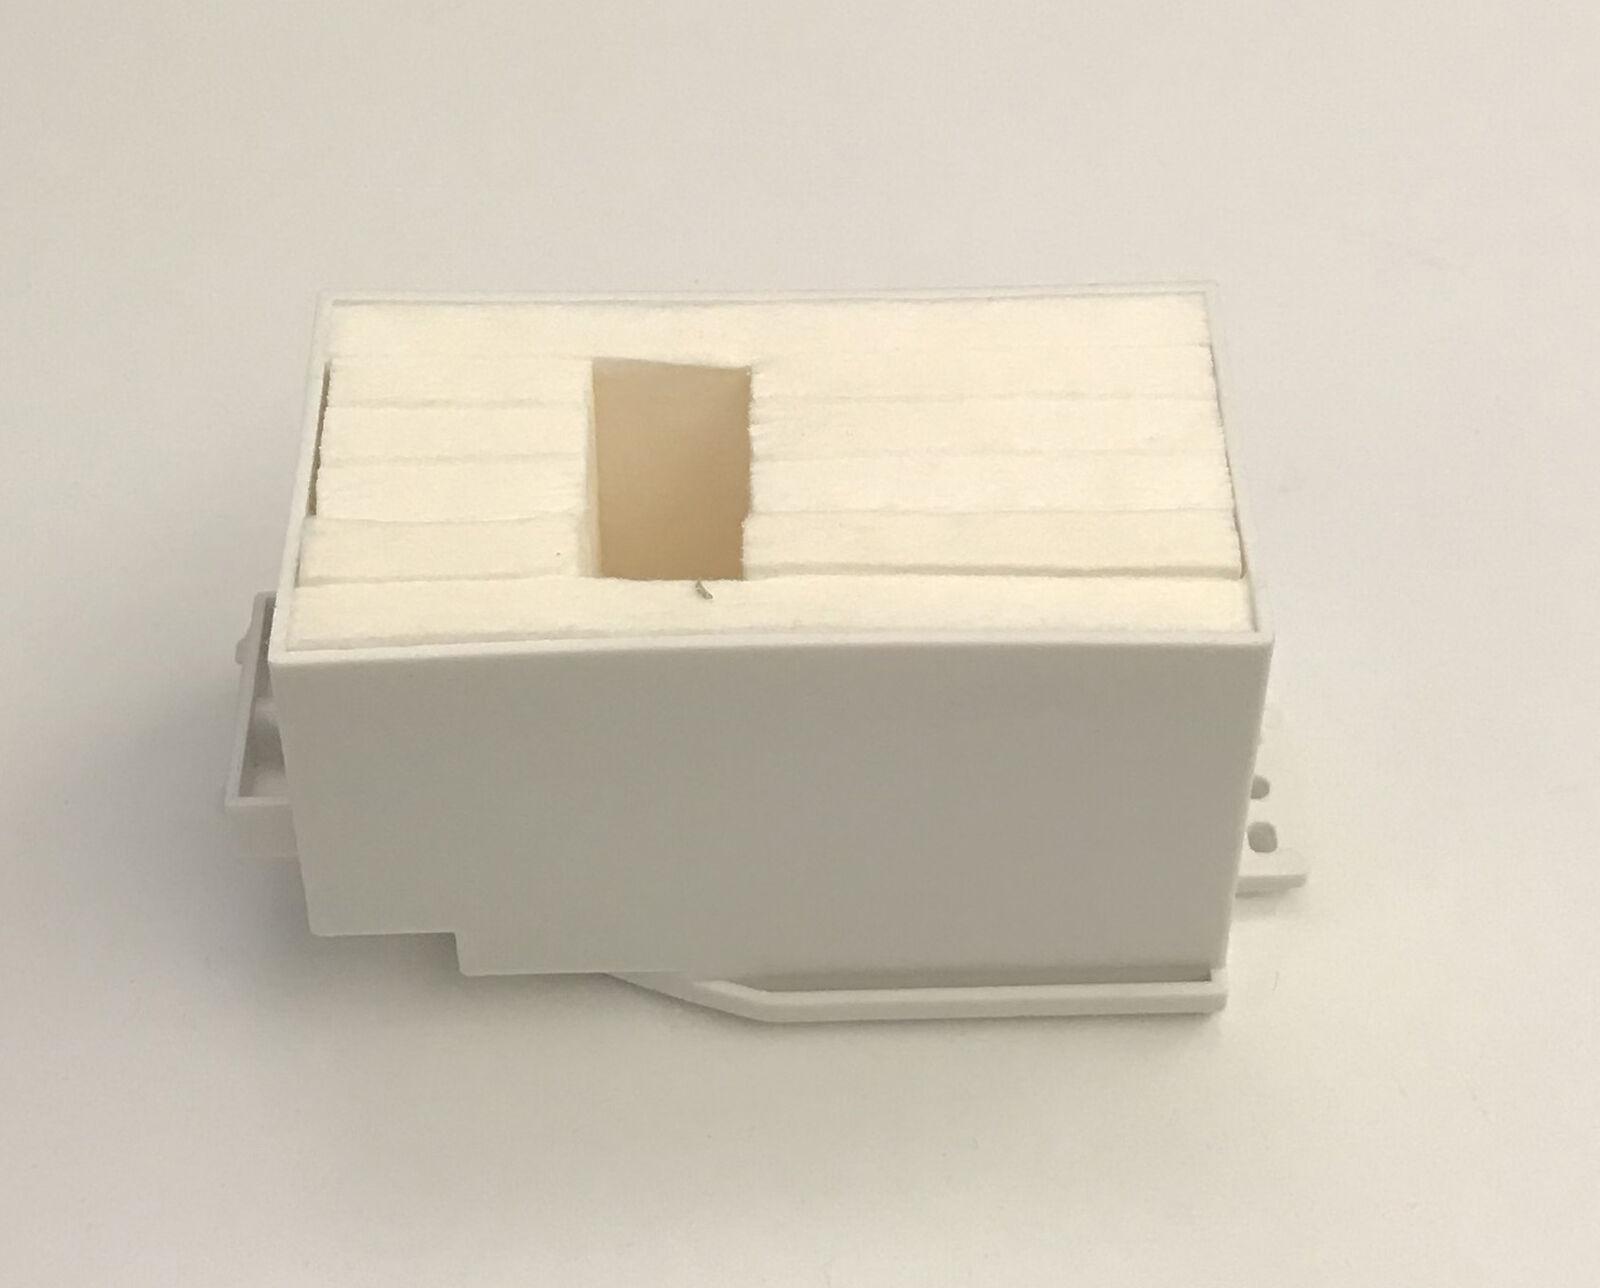 SC-T7280 Epson Maintenance Kit Ink Toner Waste Assembly For SC-T7270 SC-T7270D